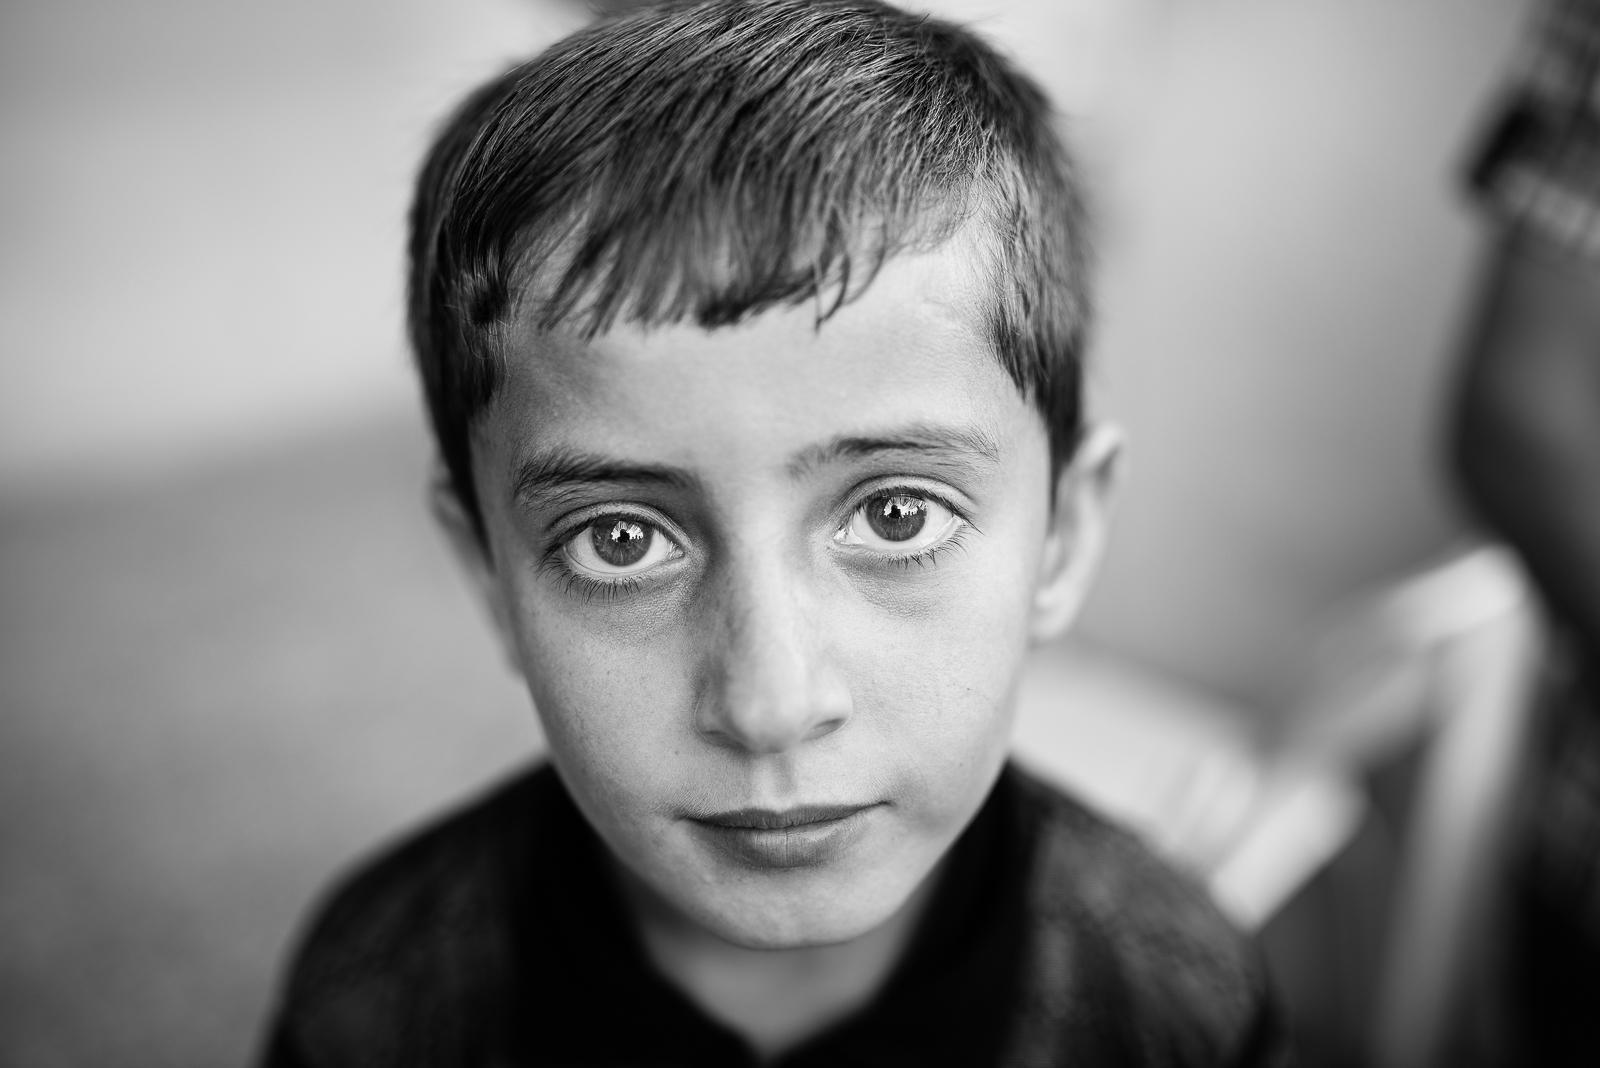 Child in Erbil refugees school